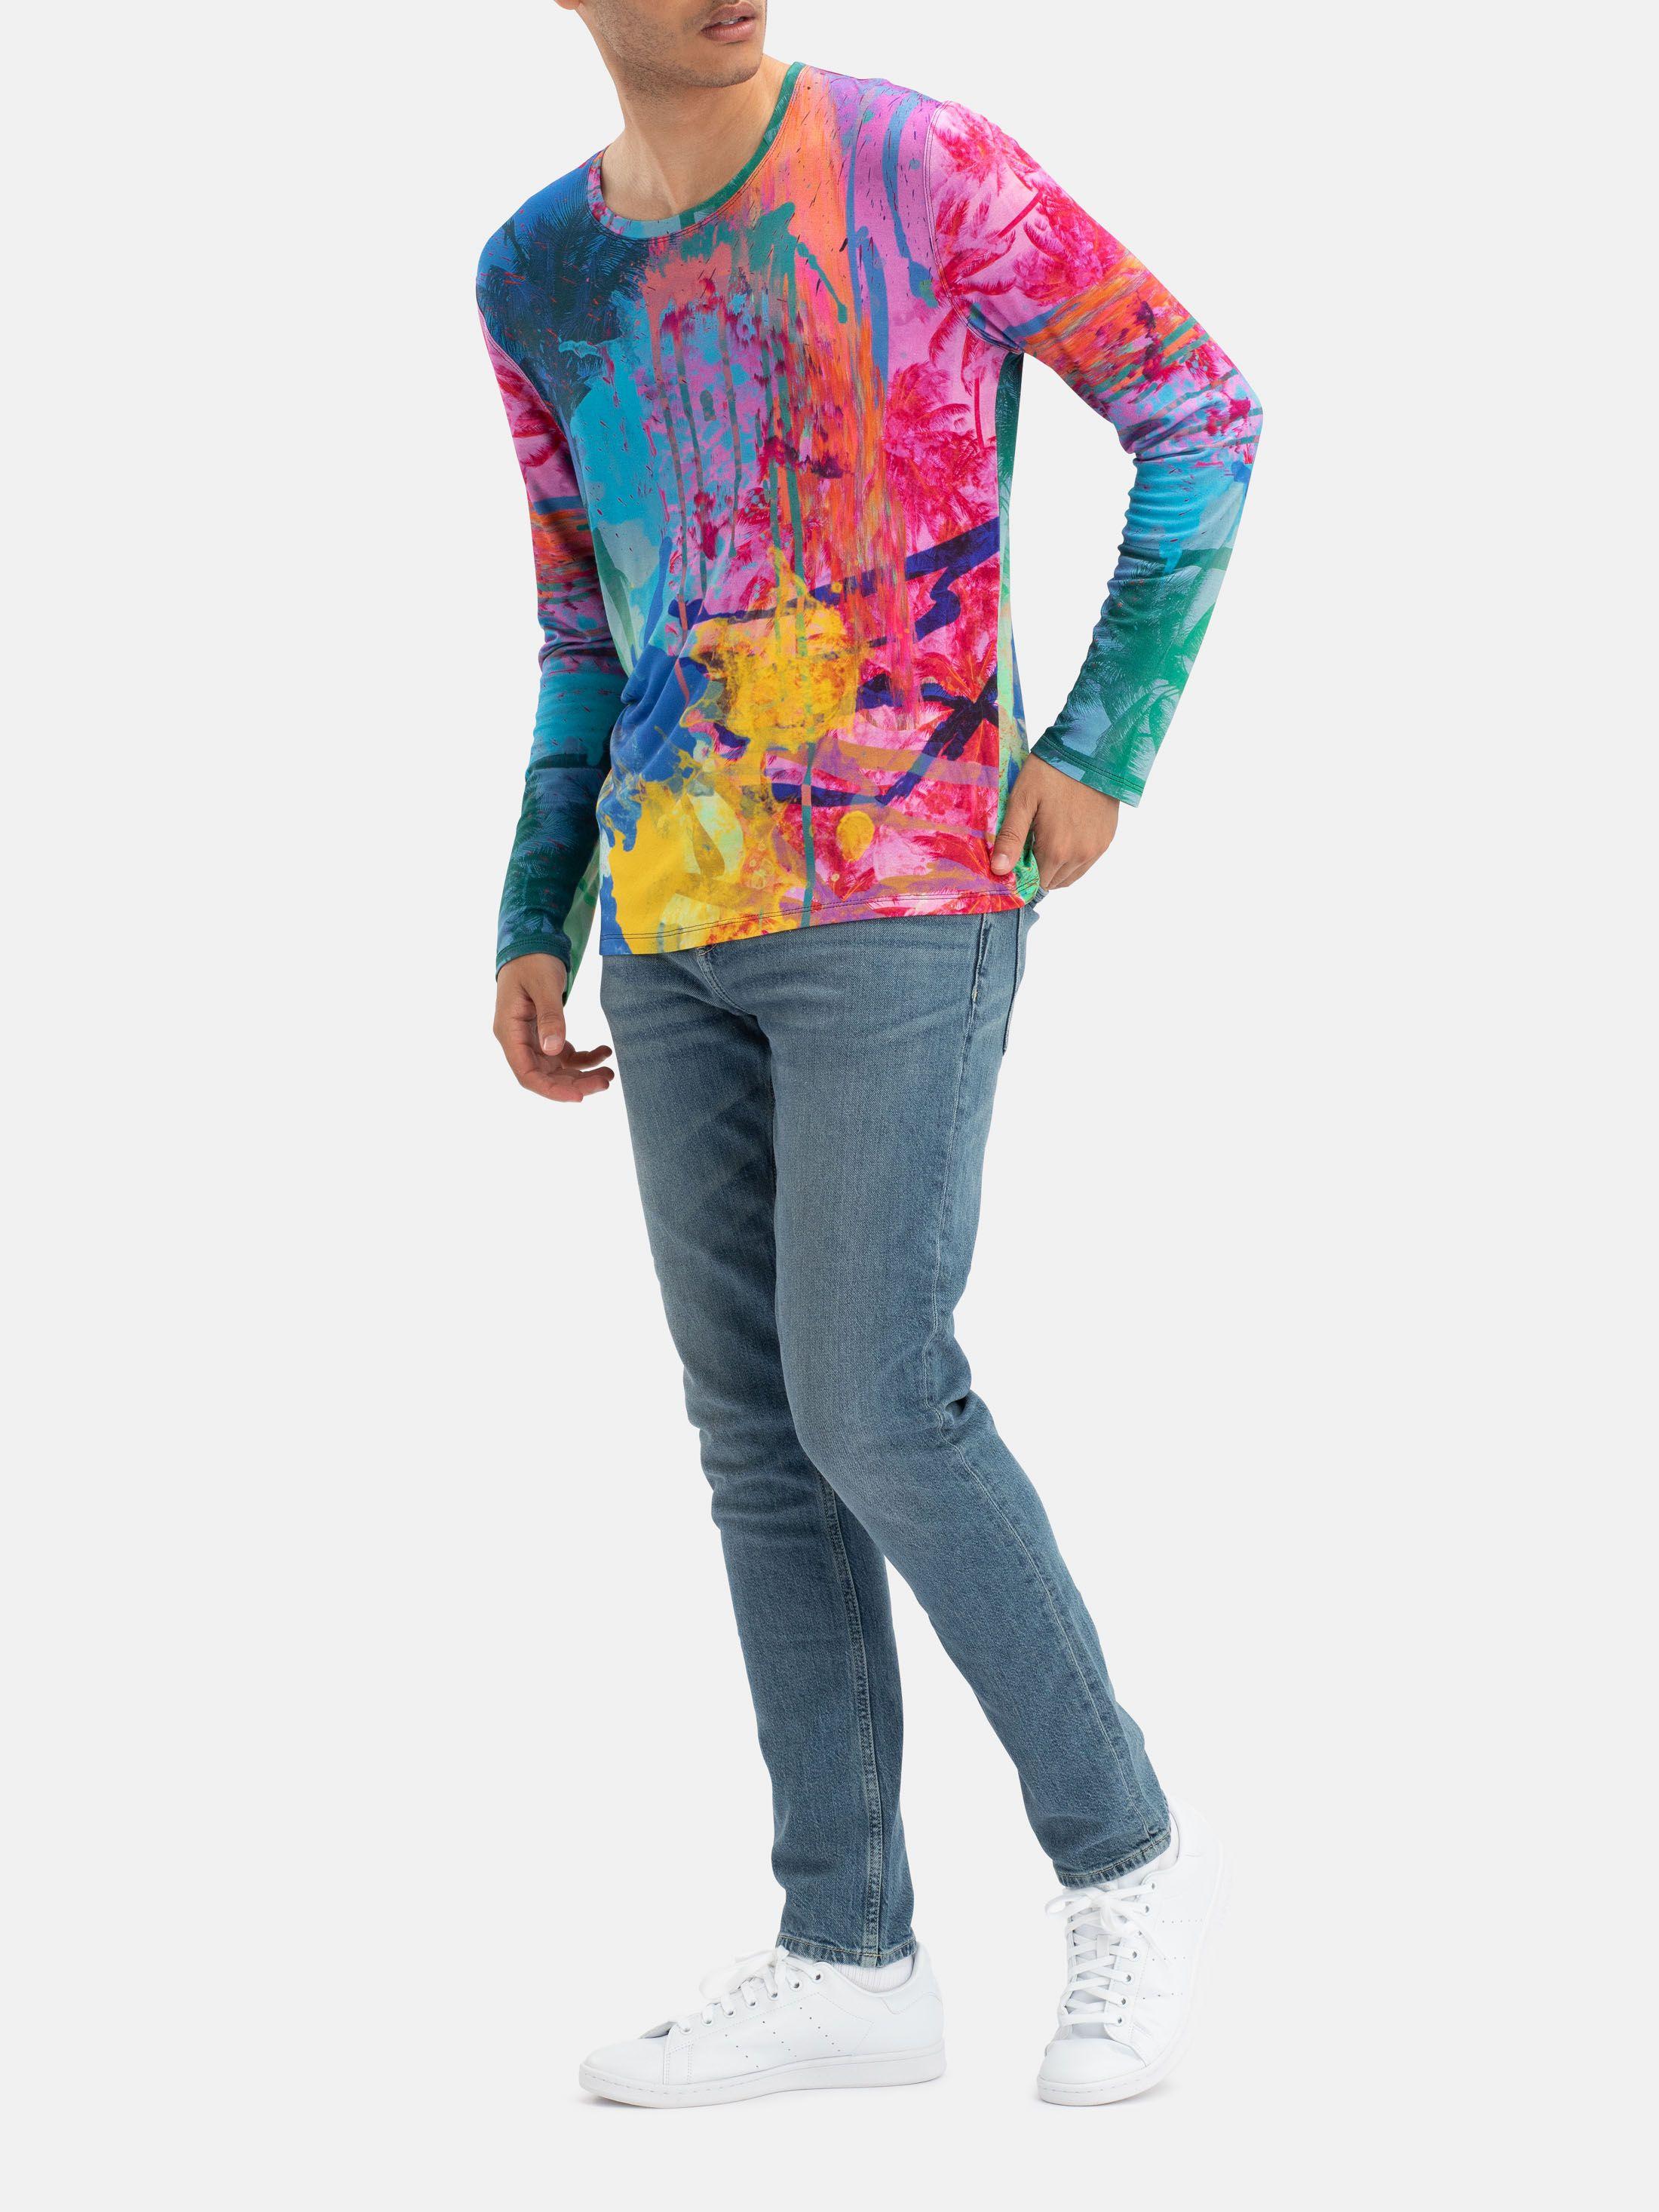 Men's Premium Cotton Shirt Design